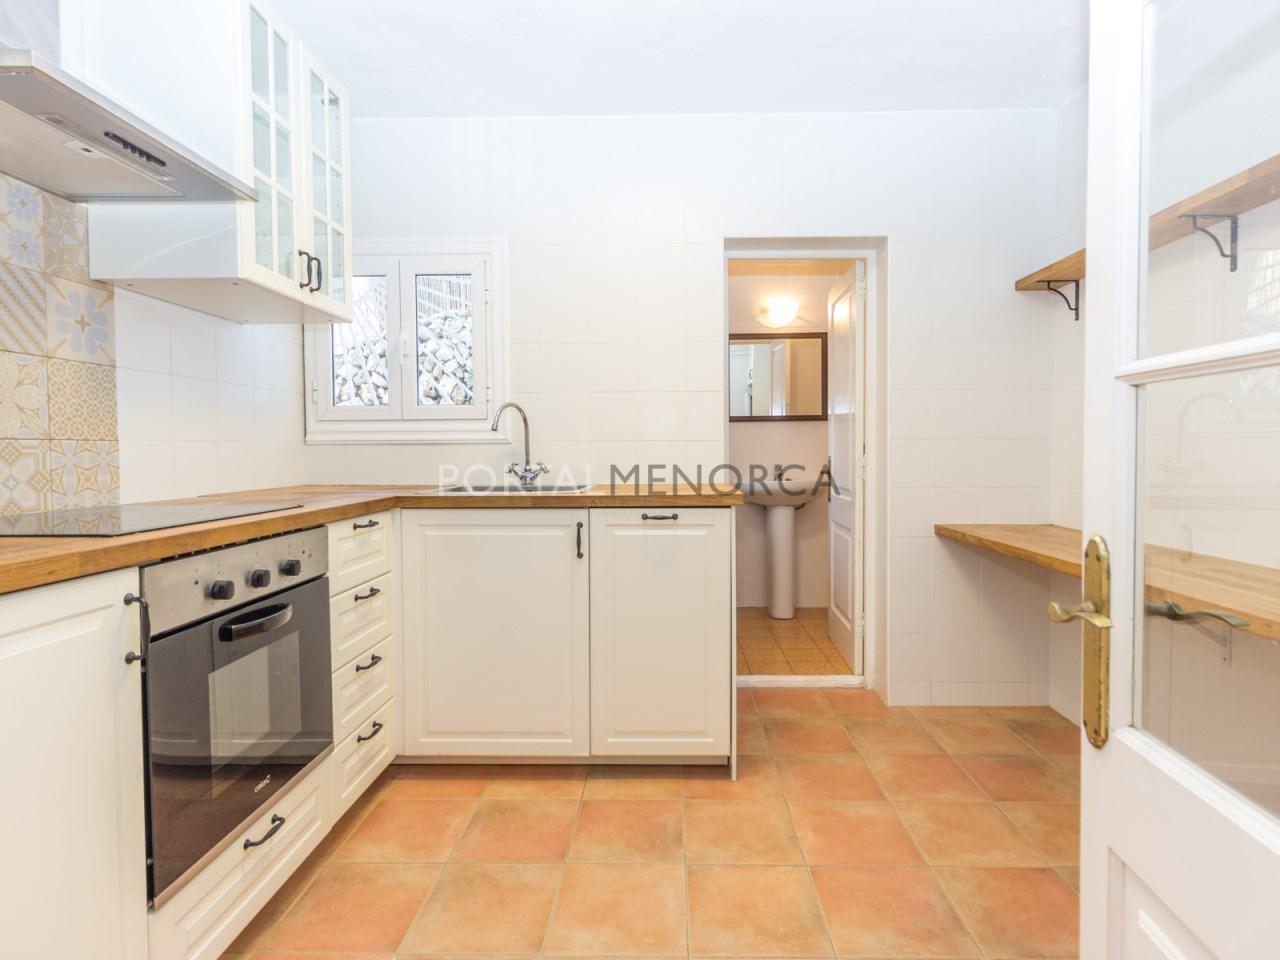 casa con patio en son vilar Menorca (2 de 22)